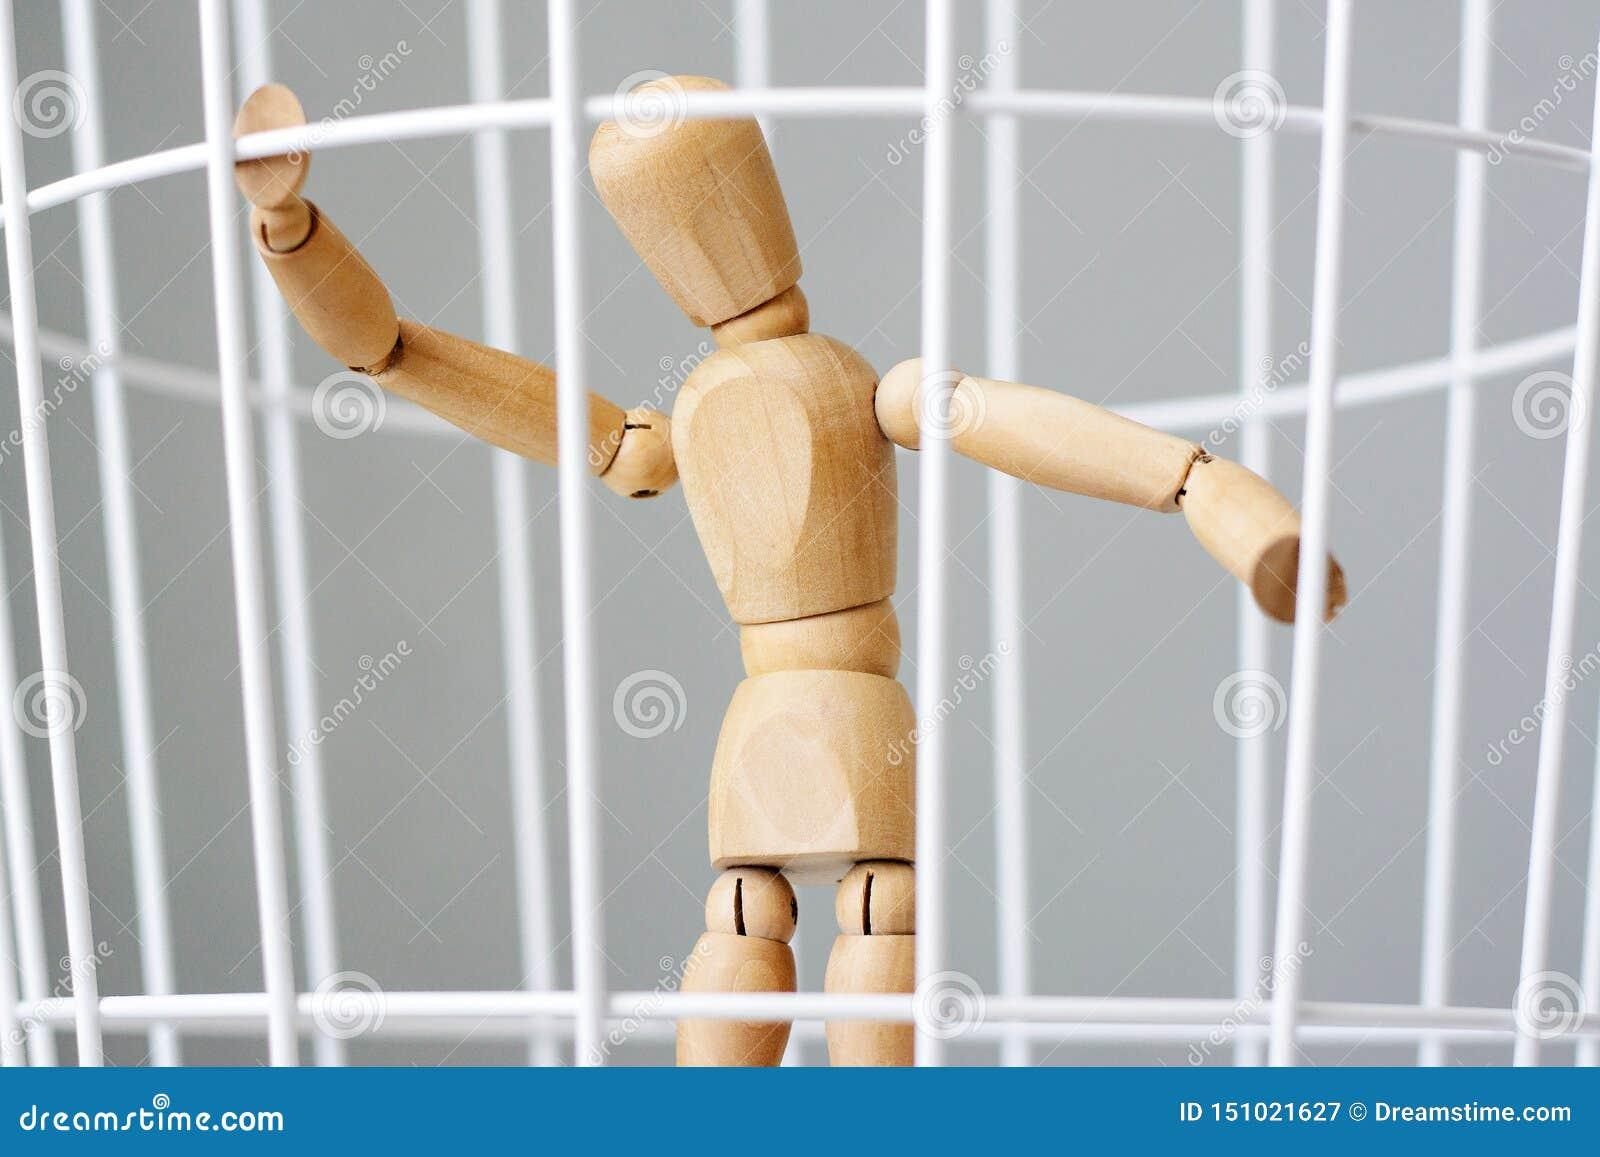 Hombre de madera en una jaula